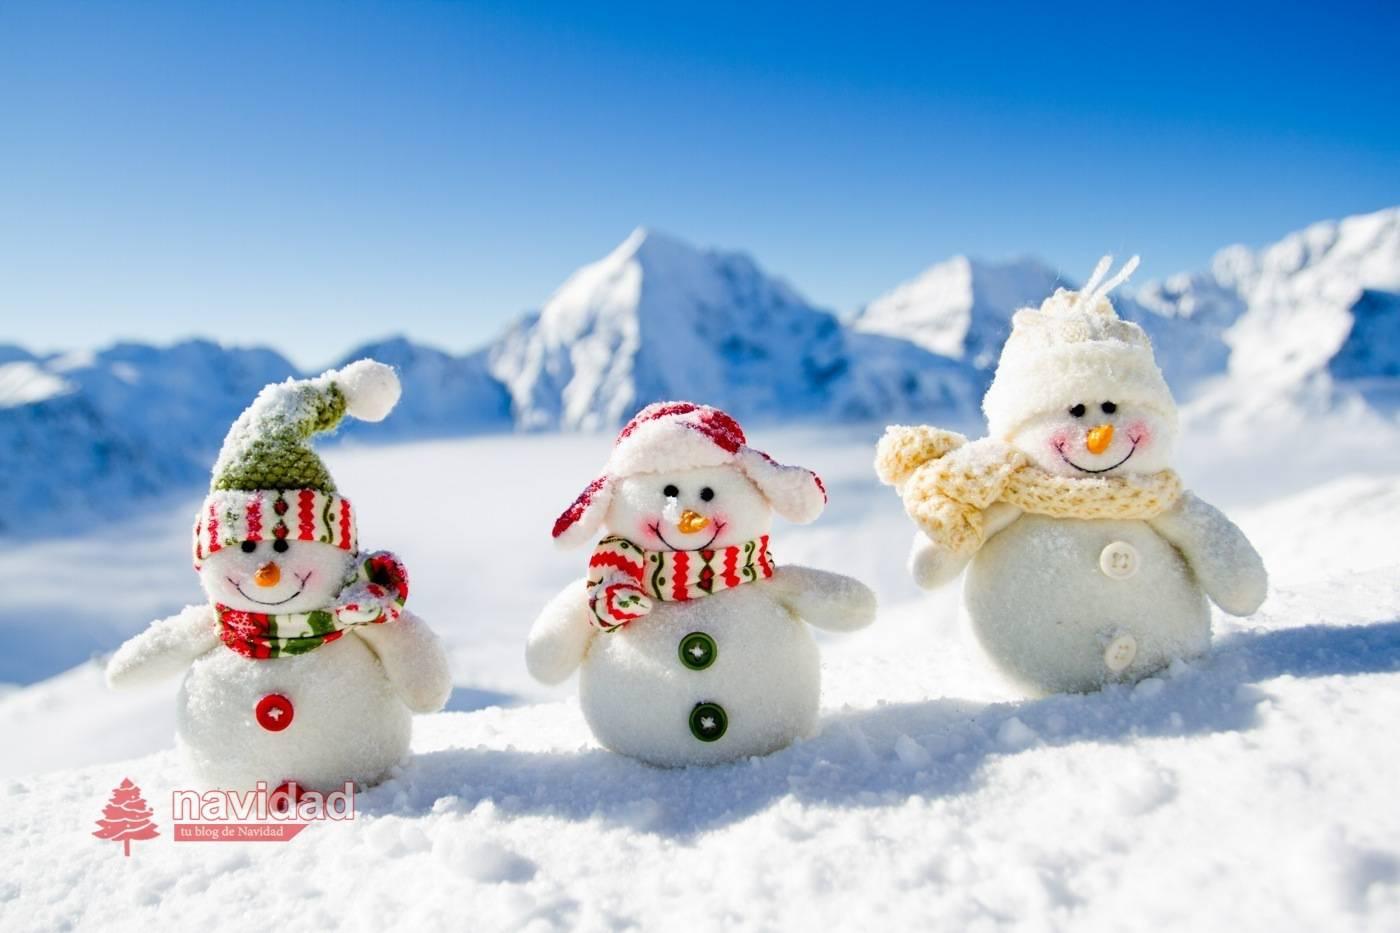 Muñecos de nieve de navidad